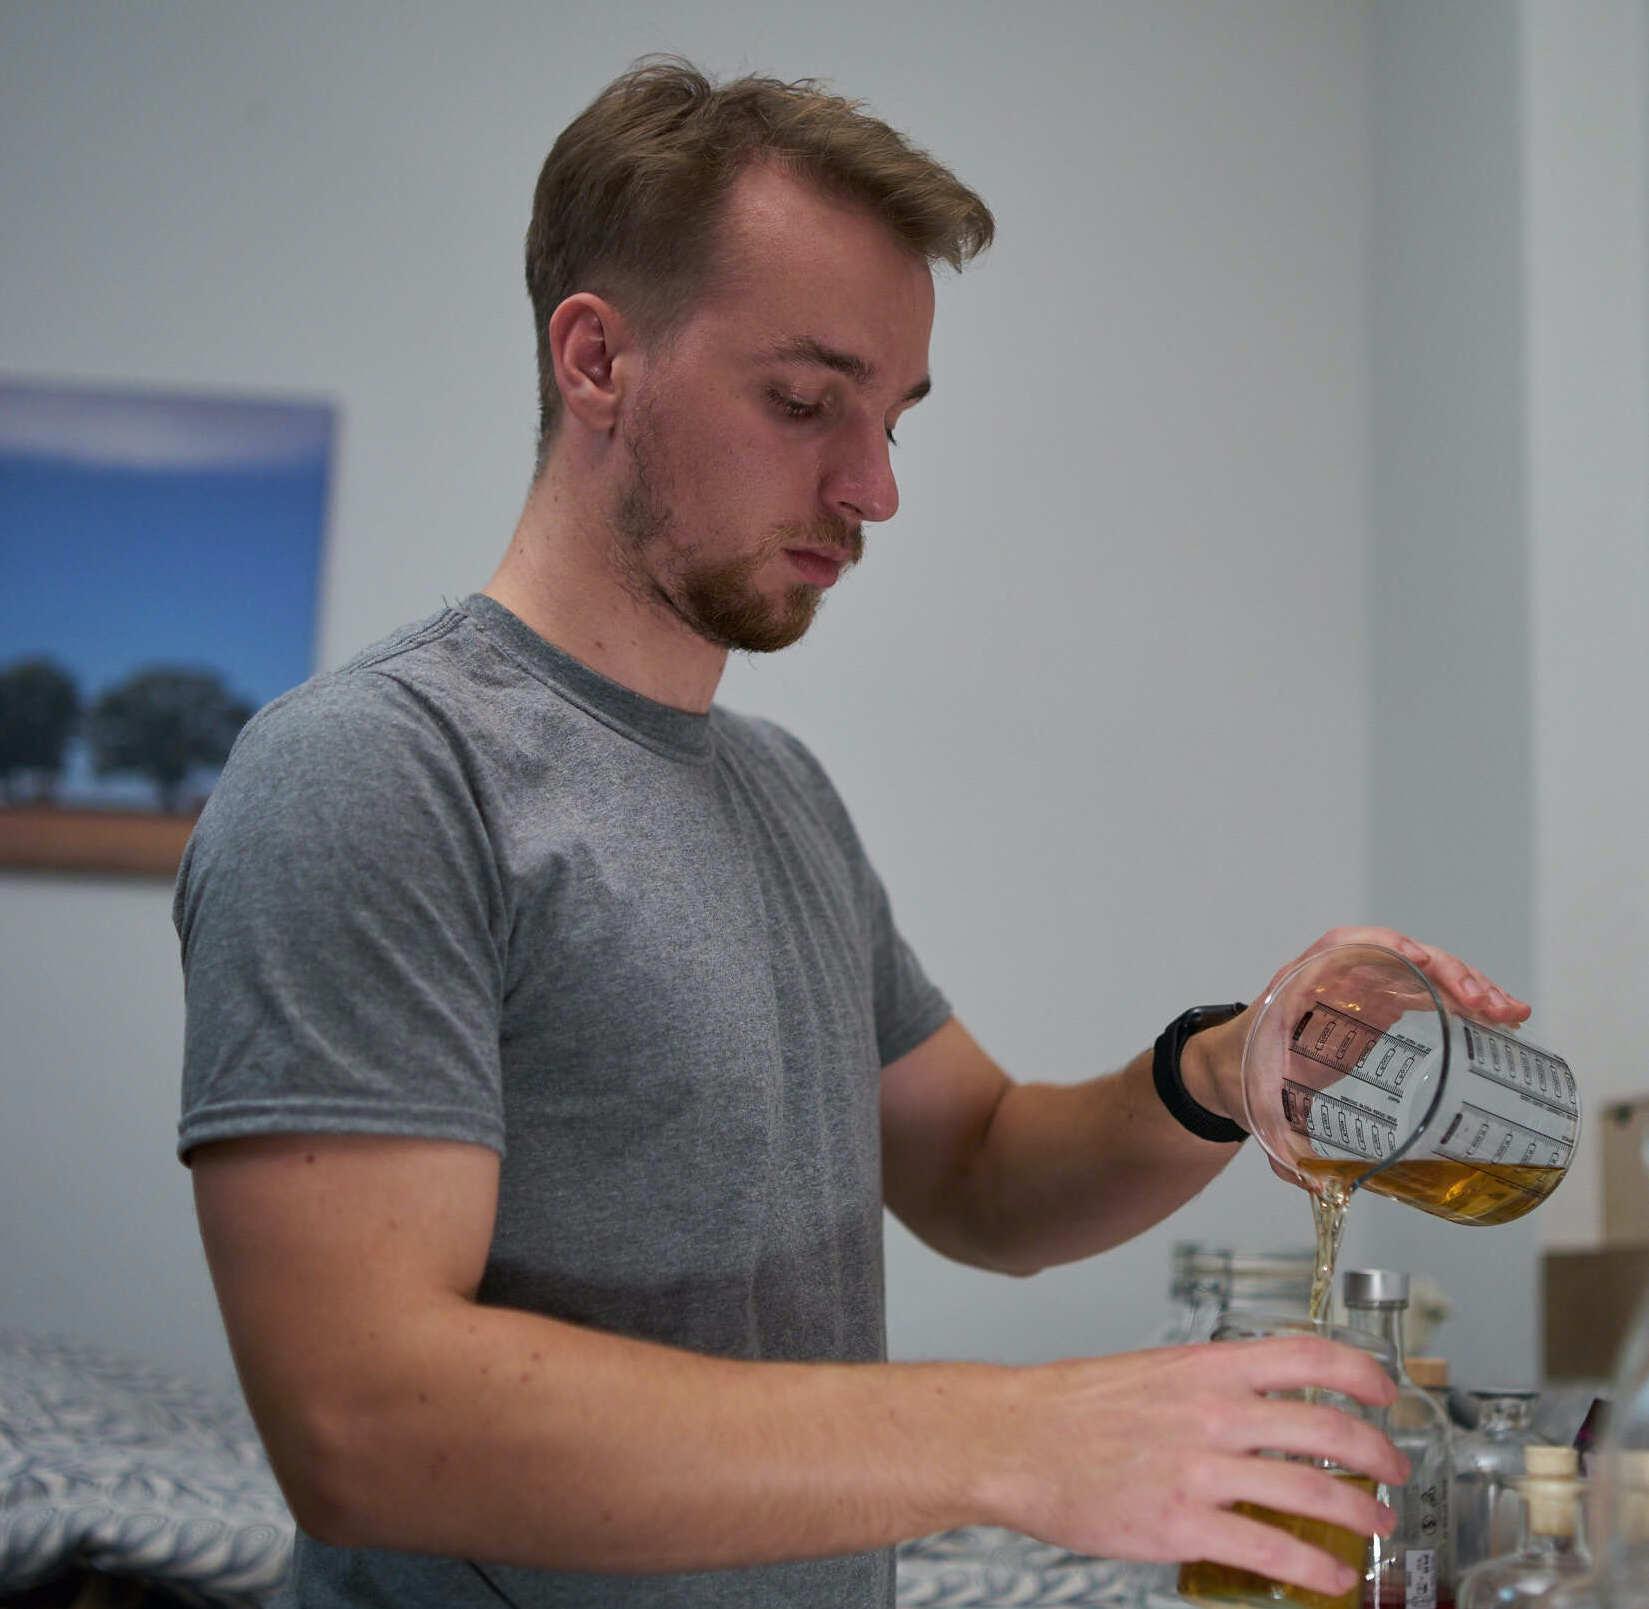 Süffiges Hobby: Gin zuhause herstellen. Foto: Sanberger